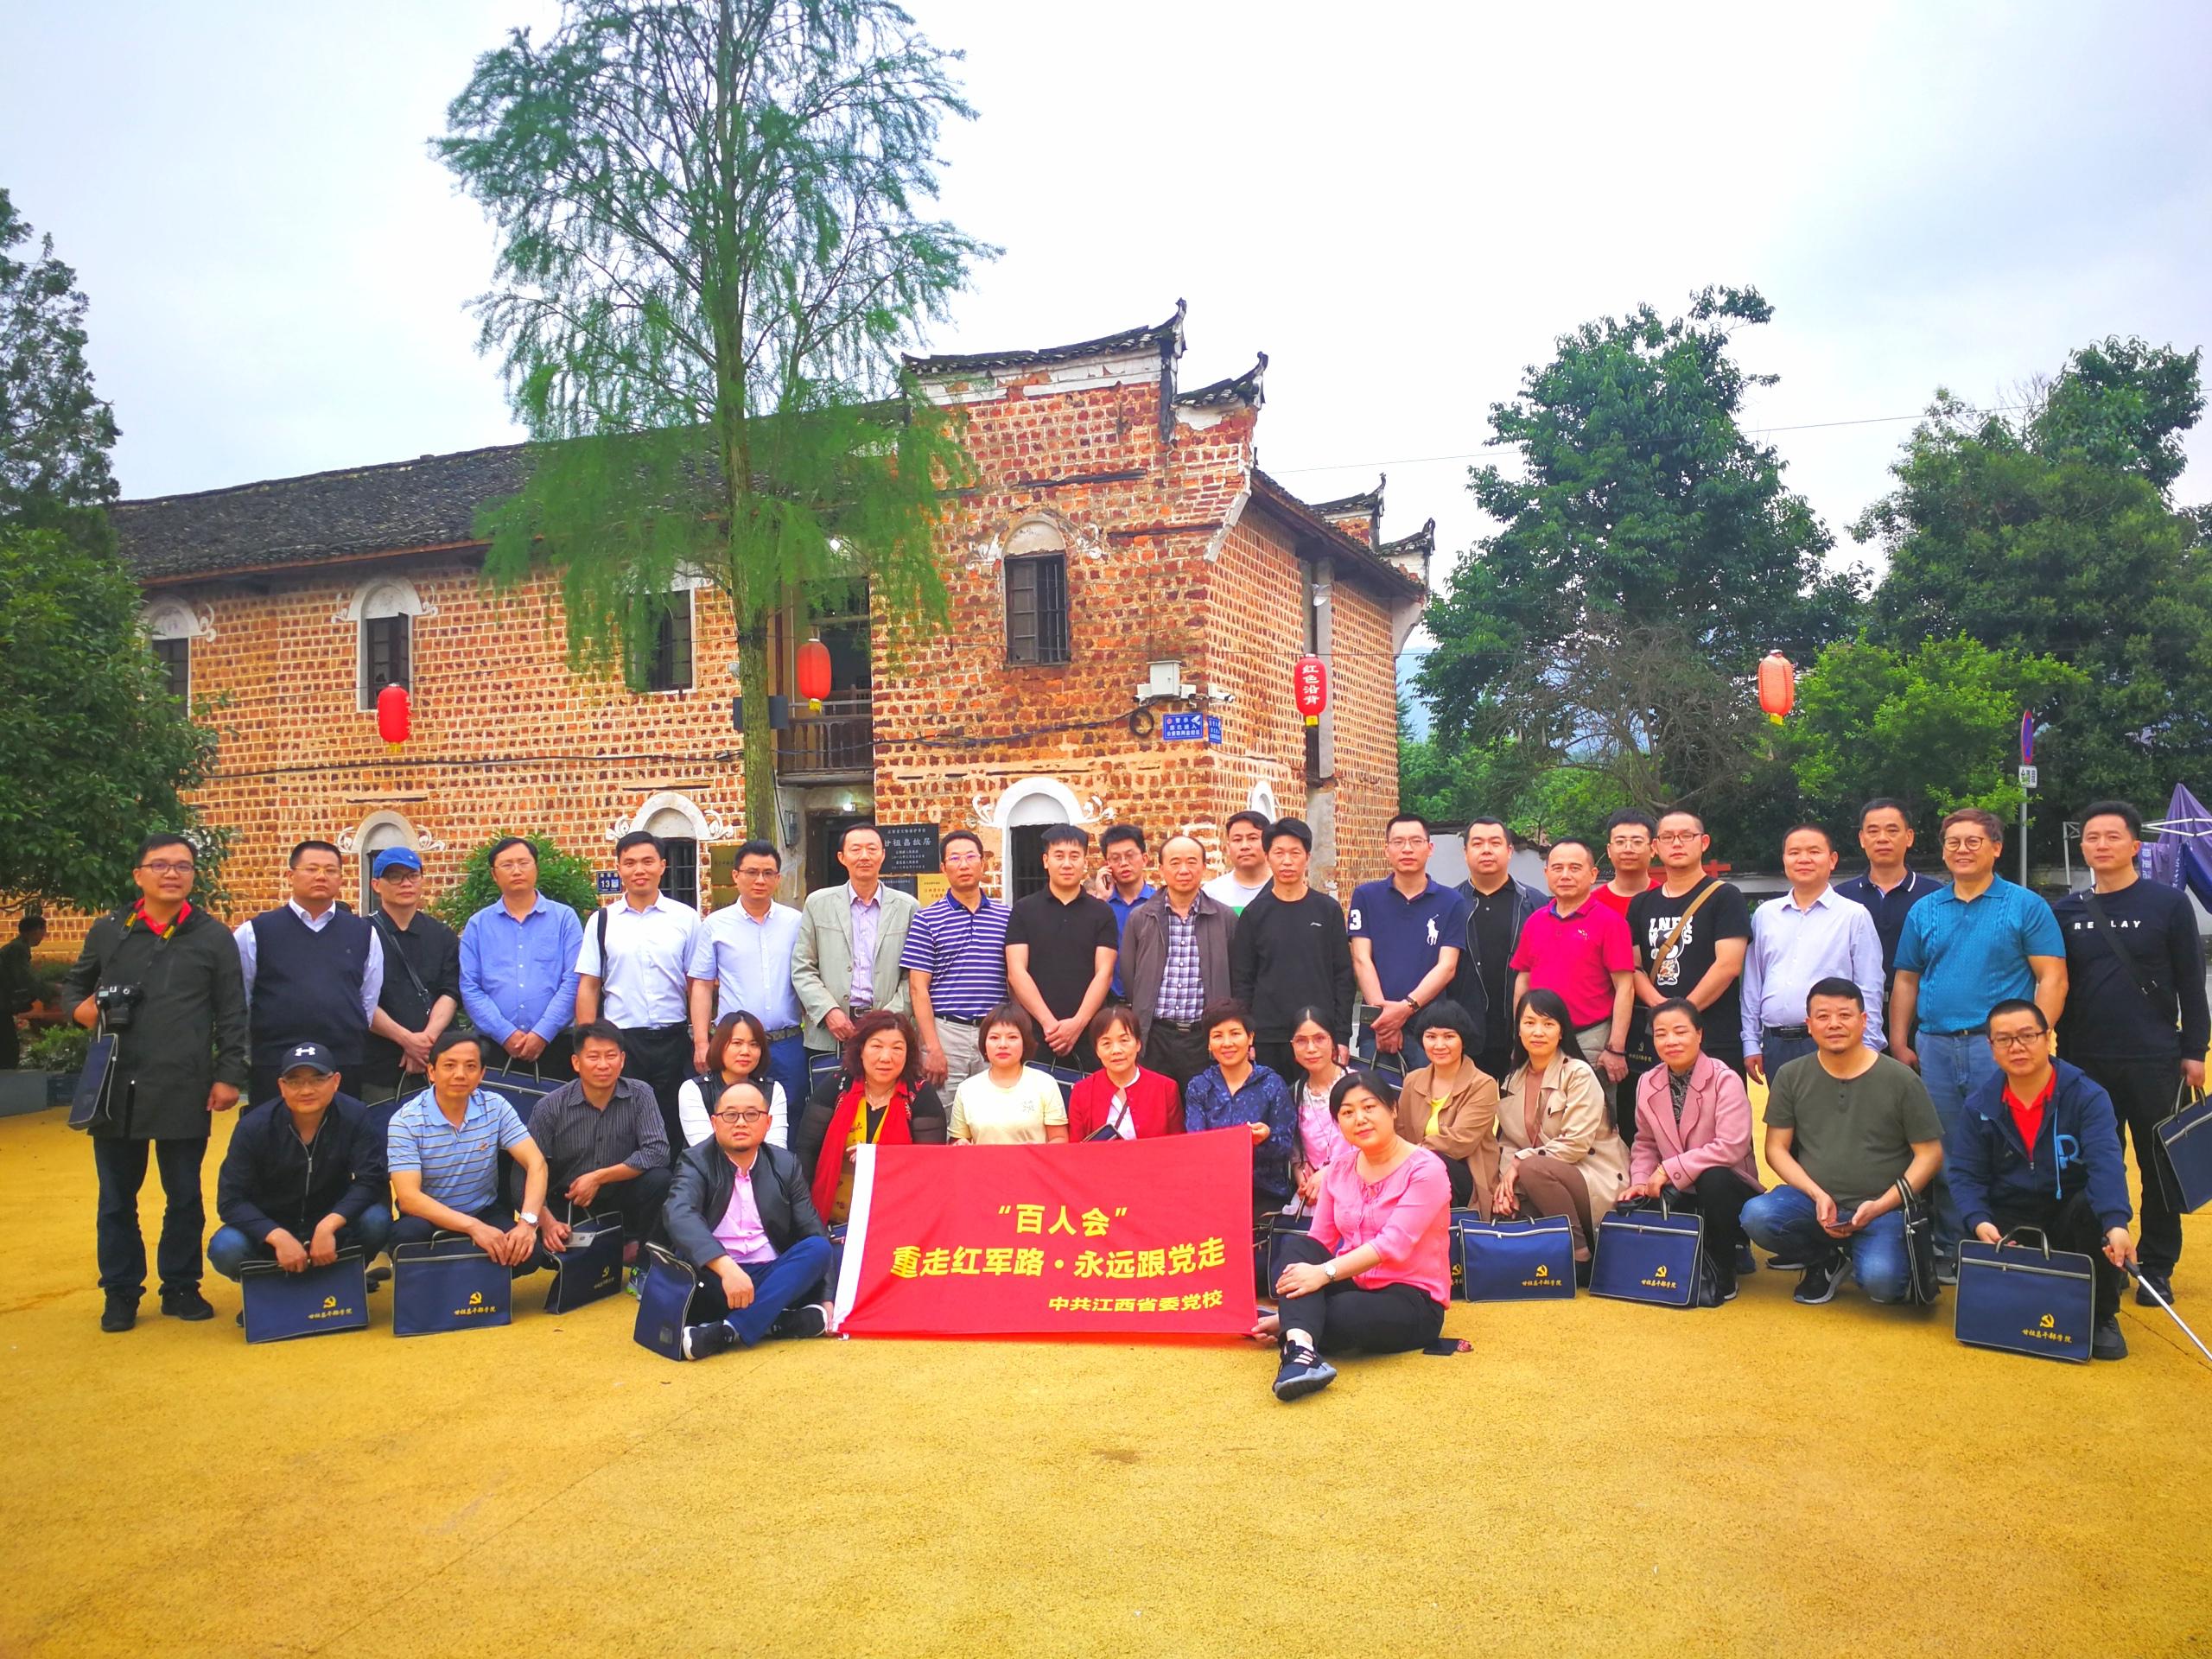 2019年5月,长沙市委统战部组织新阶层社会组织百人会在江西回顾党的创建初期经历的革命岁月。